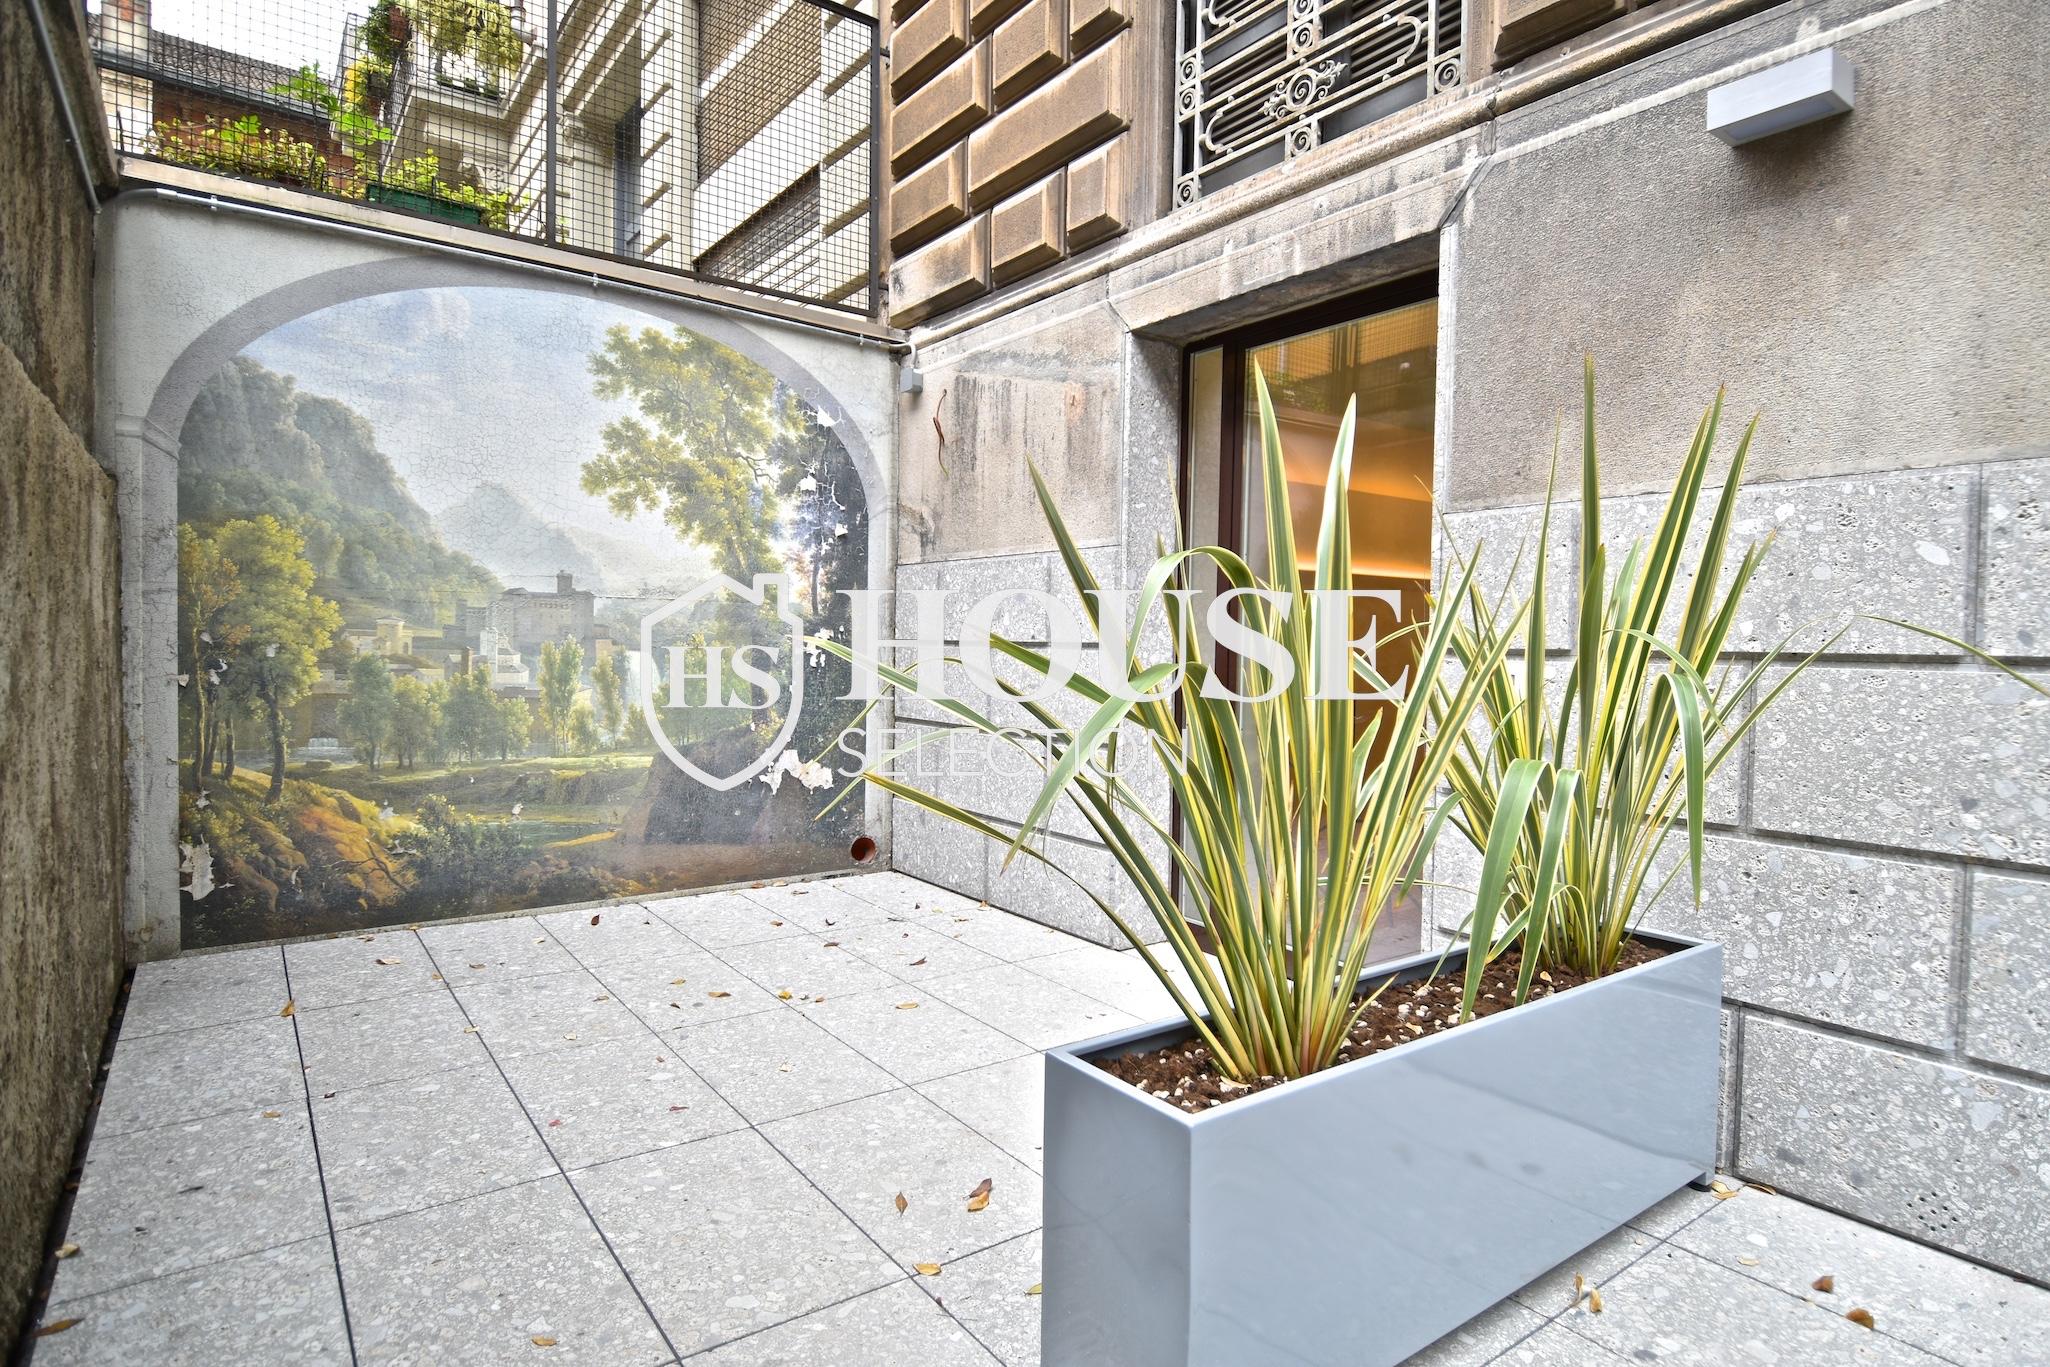 Vendita bilocale piazza Cincinnato, nuova realizzazione, seminterrato, con giardino privato, posto moto, ristrutturato, centro Milano 30